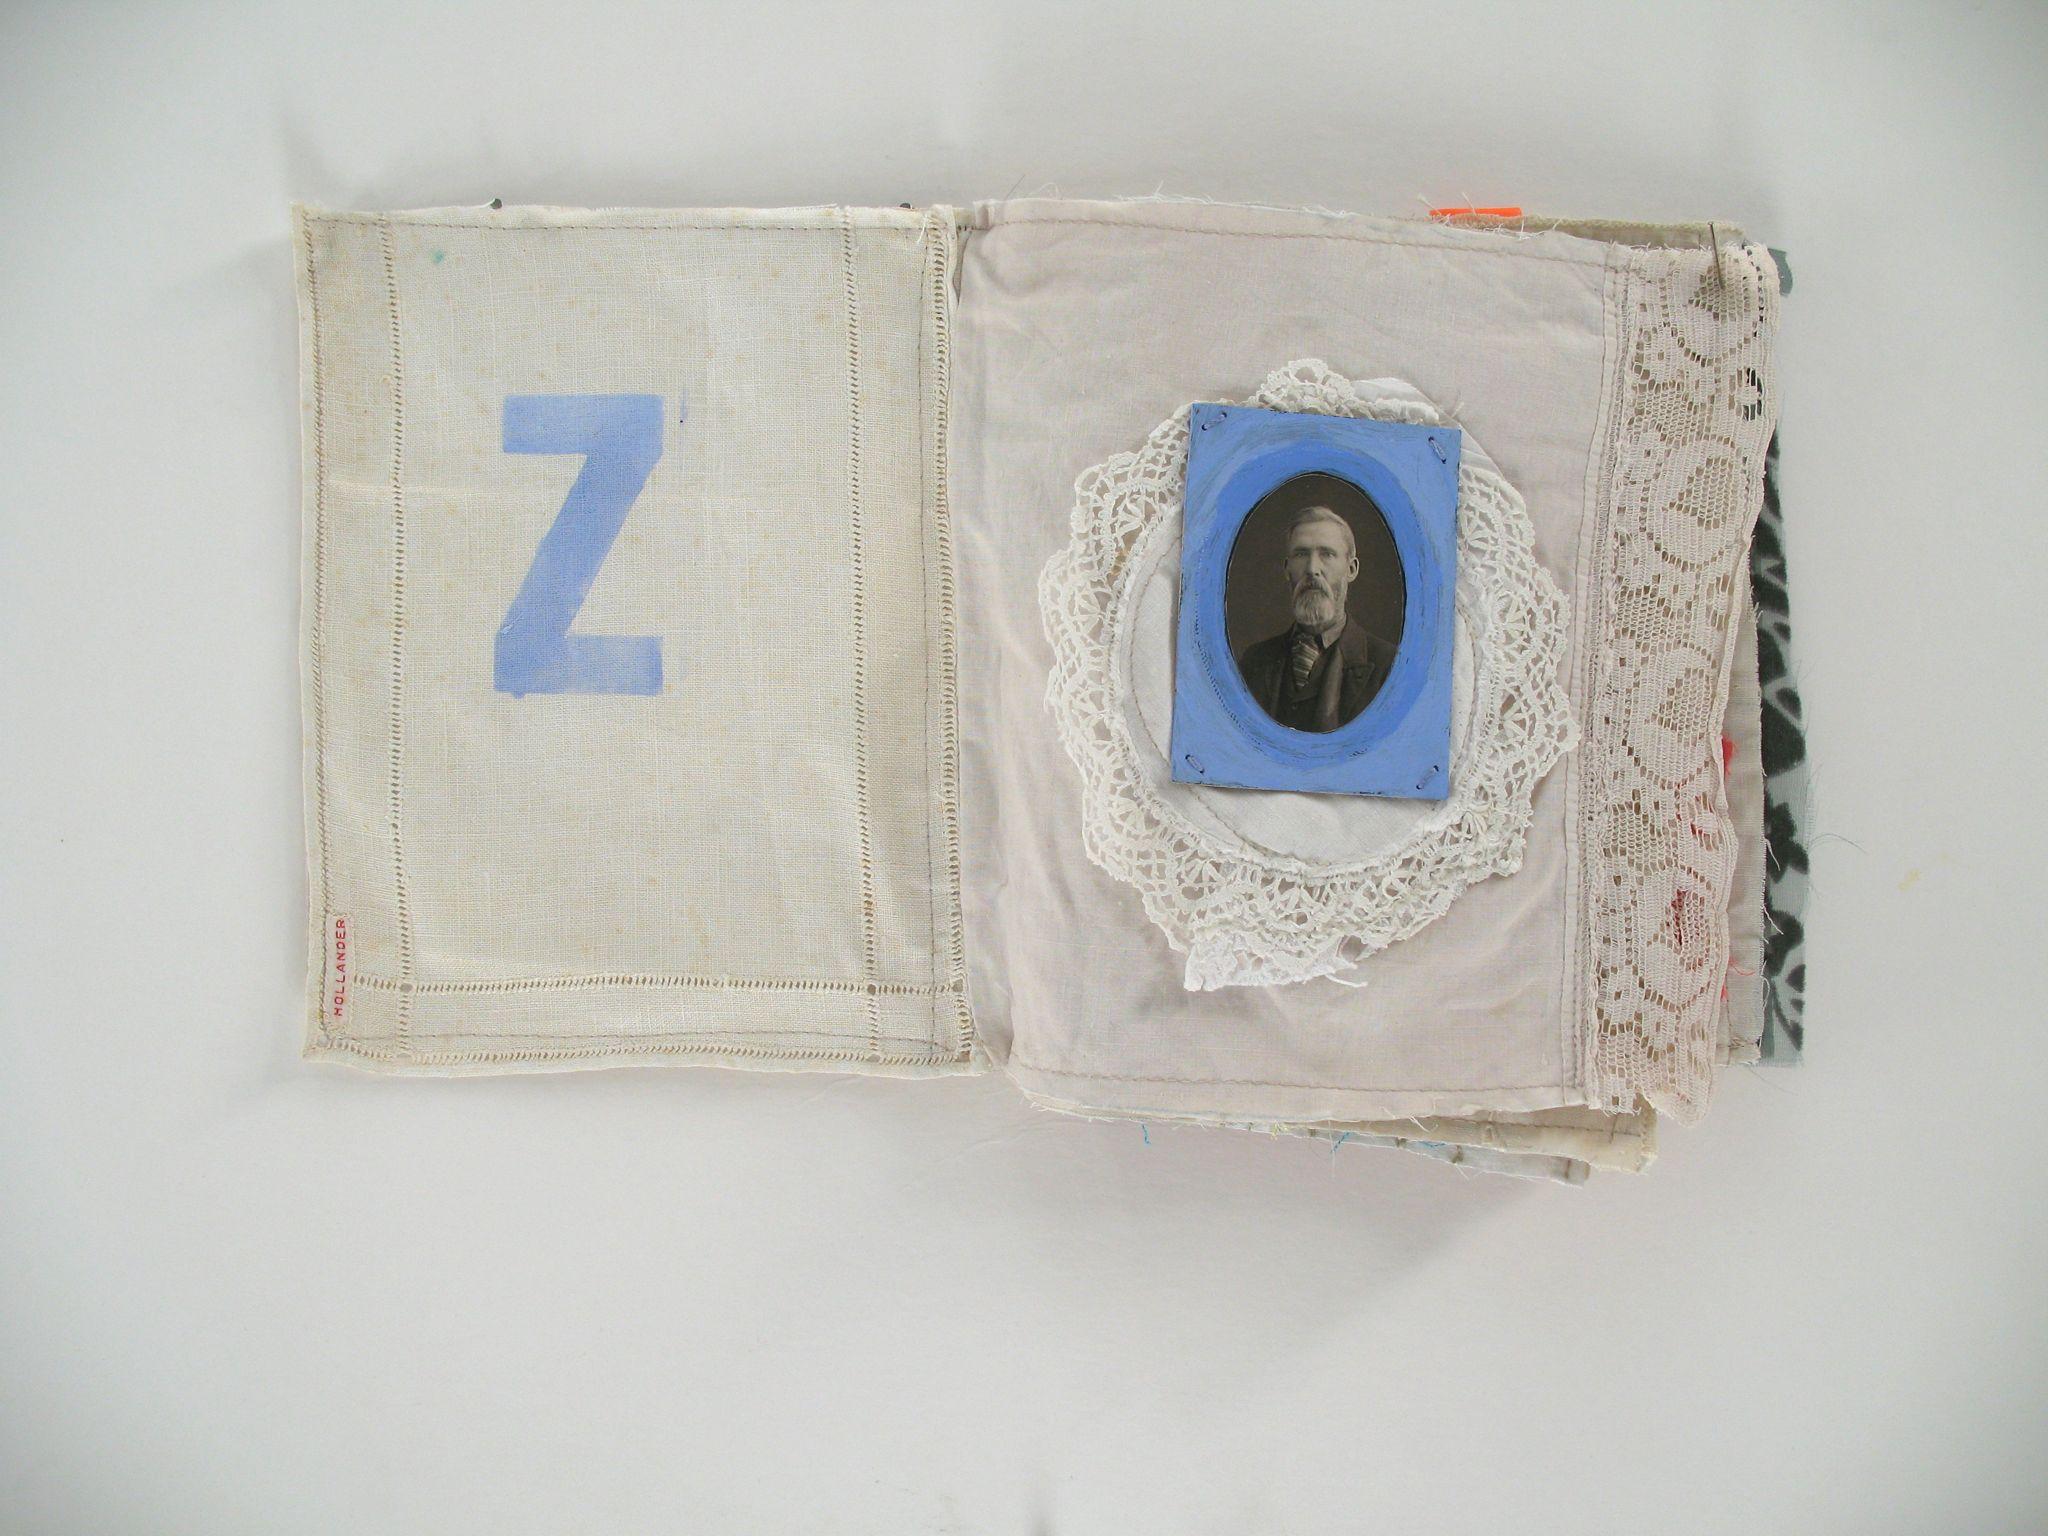 Volume Z